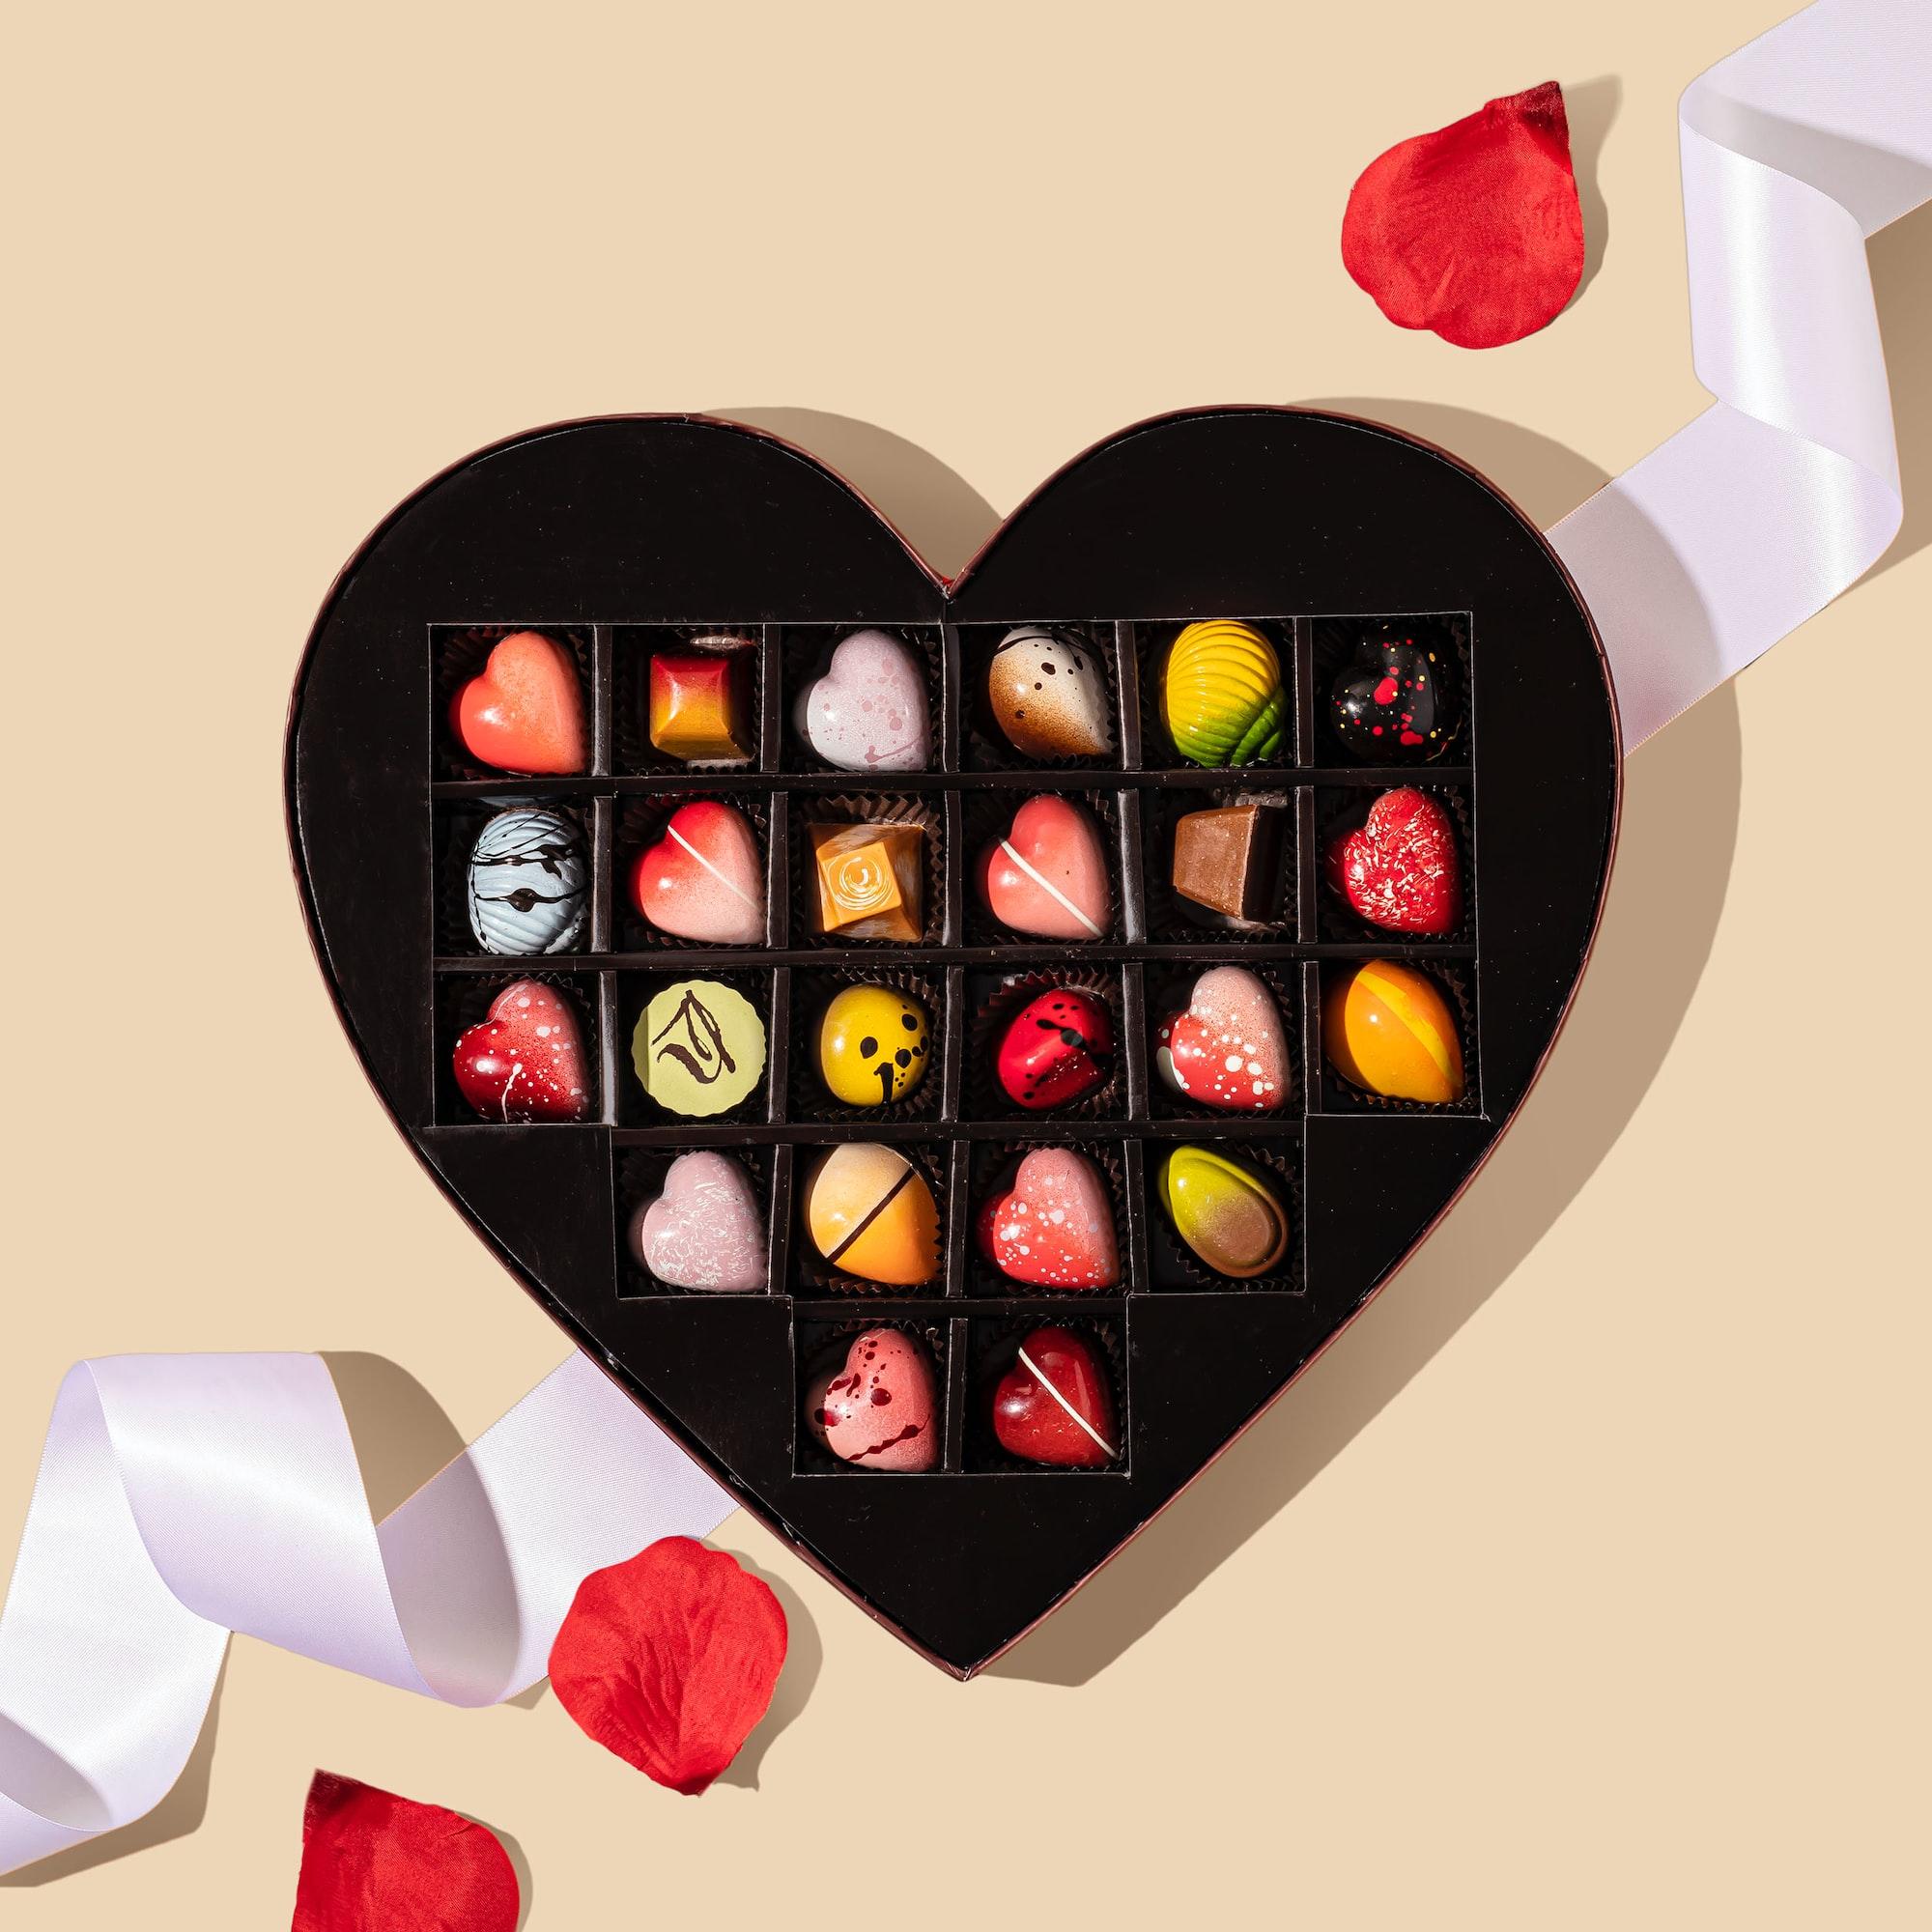 Las mejores ideas de regalos económicos para San Valentín